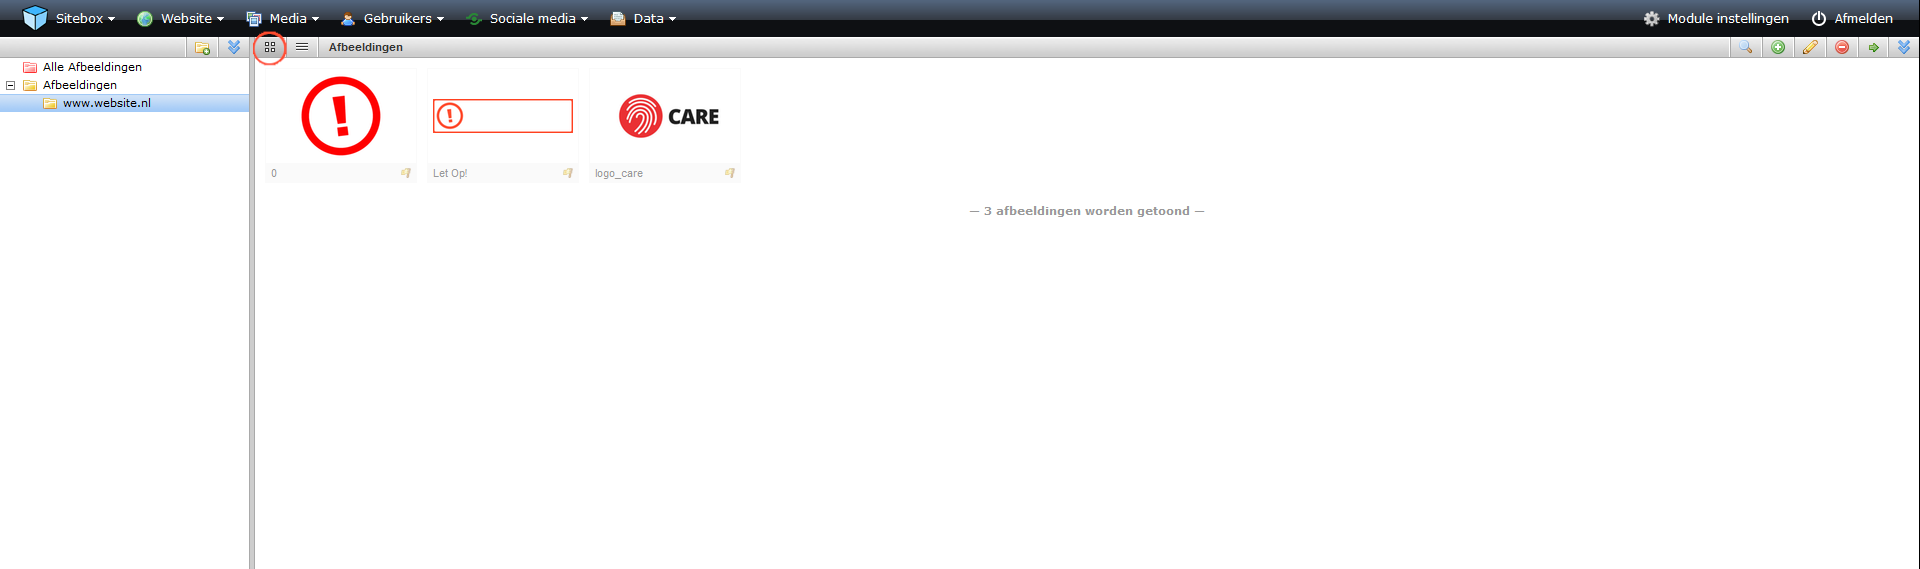 schermafdruk van een overzicht van de module in object weergave